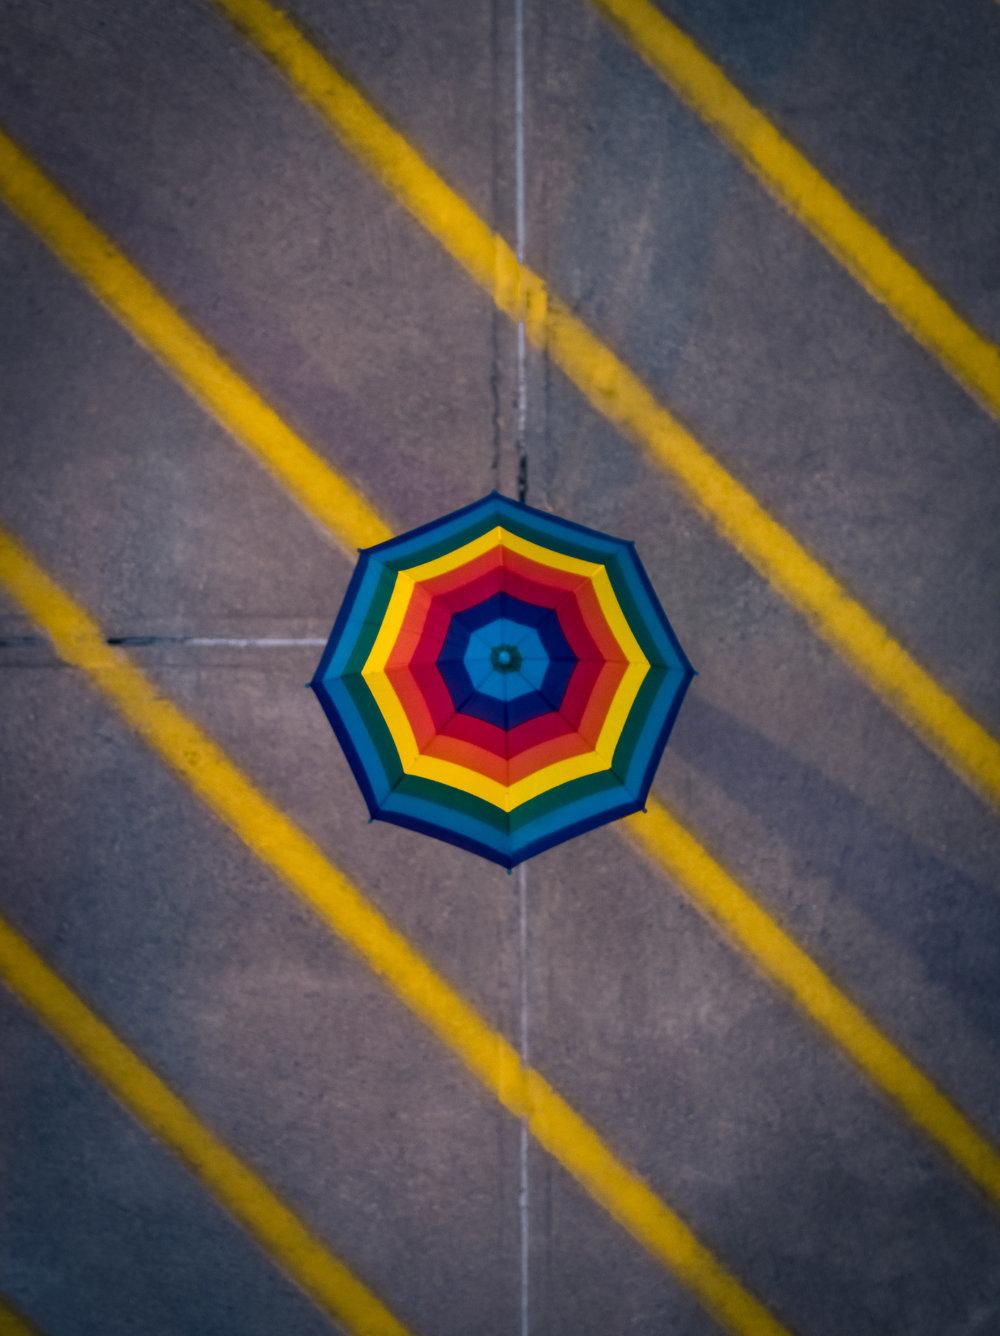 umbrella_typoland_aerial.jpg